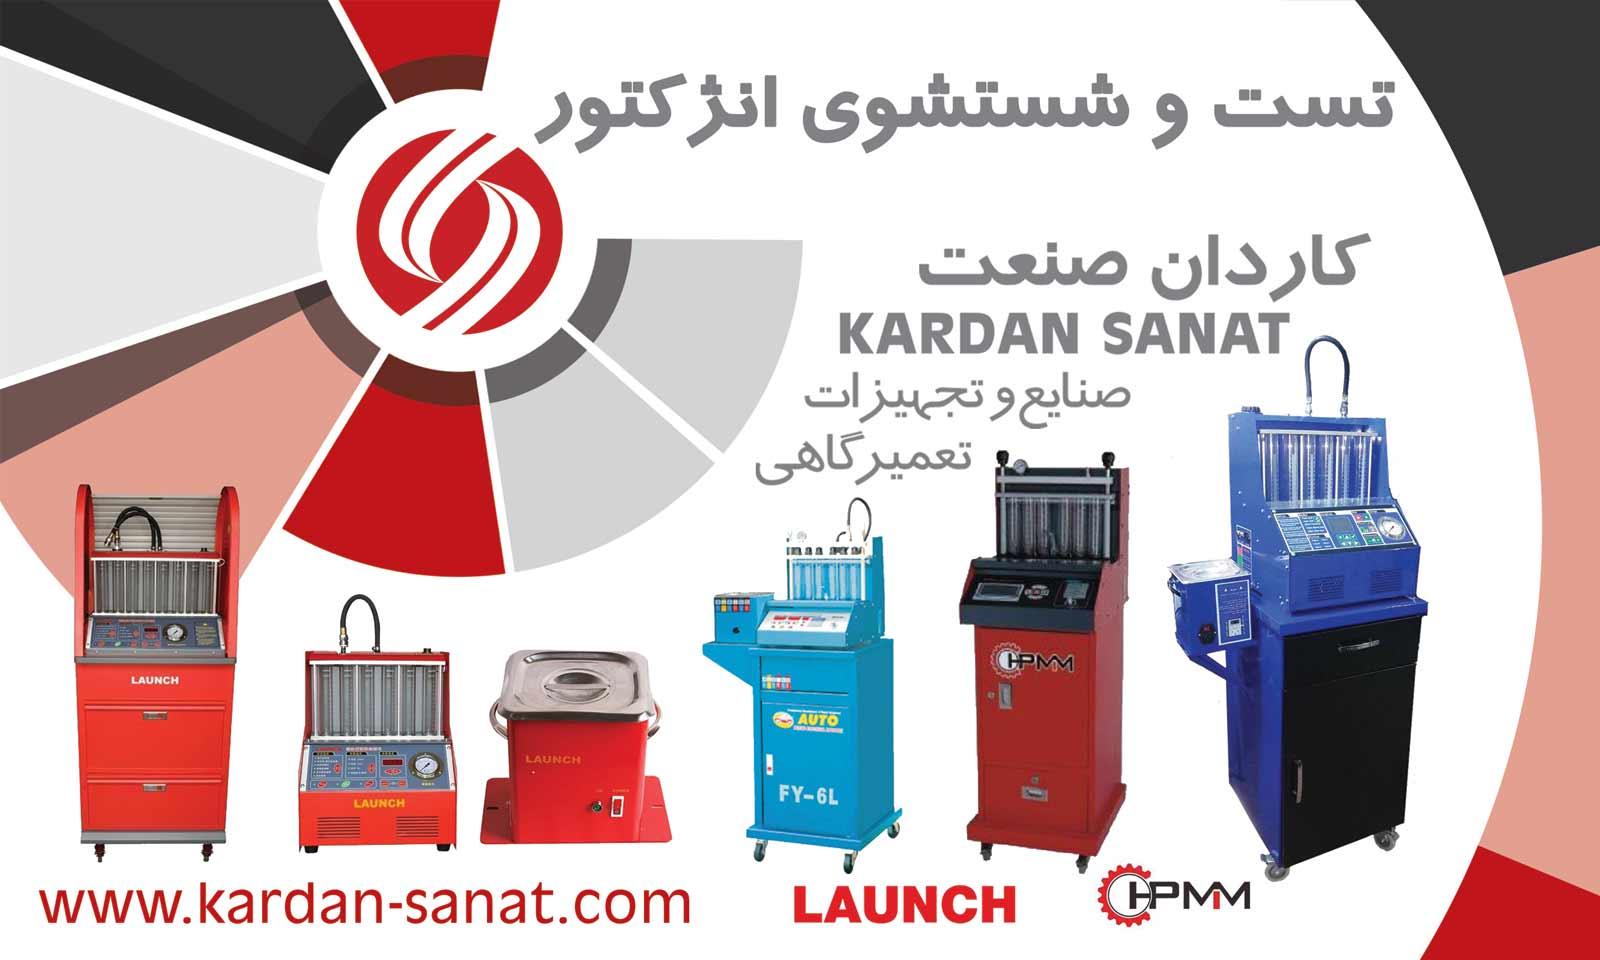 معرفی ، طرزکار ، آموزش و نصب و راه اندازی دستگاه انژکتورشور یا تست و شستشوی انژکتور